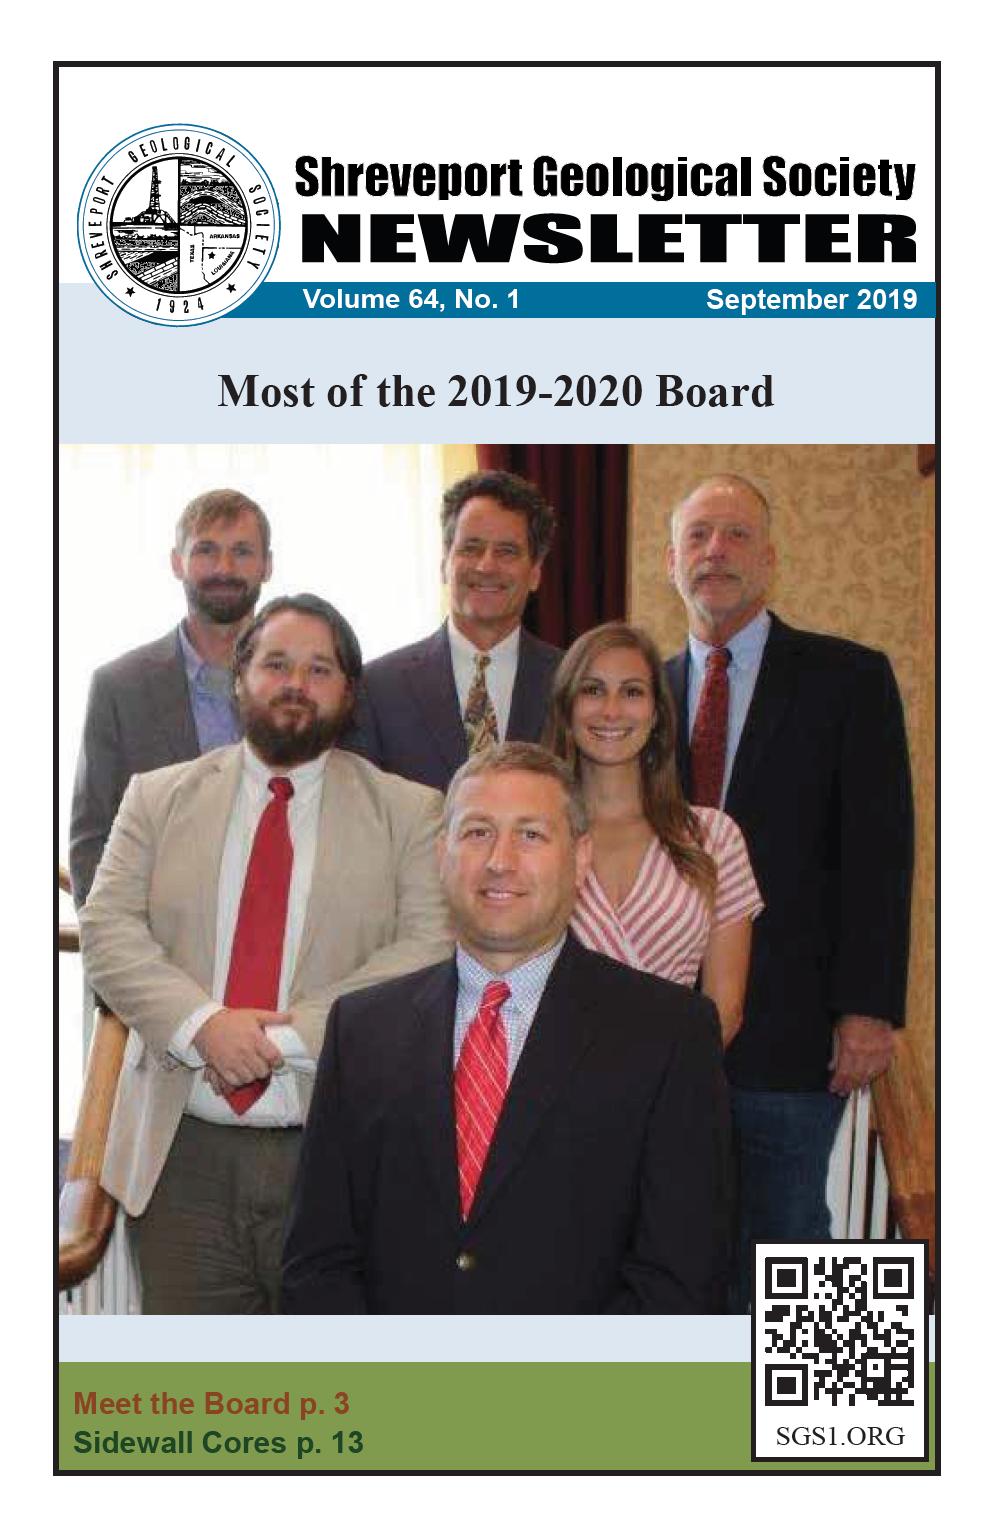 September 2019 Shreveport Geological Society Newsletter Cover.png